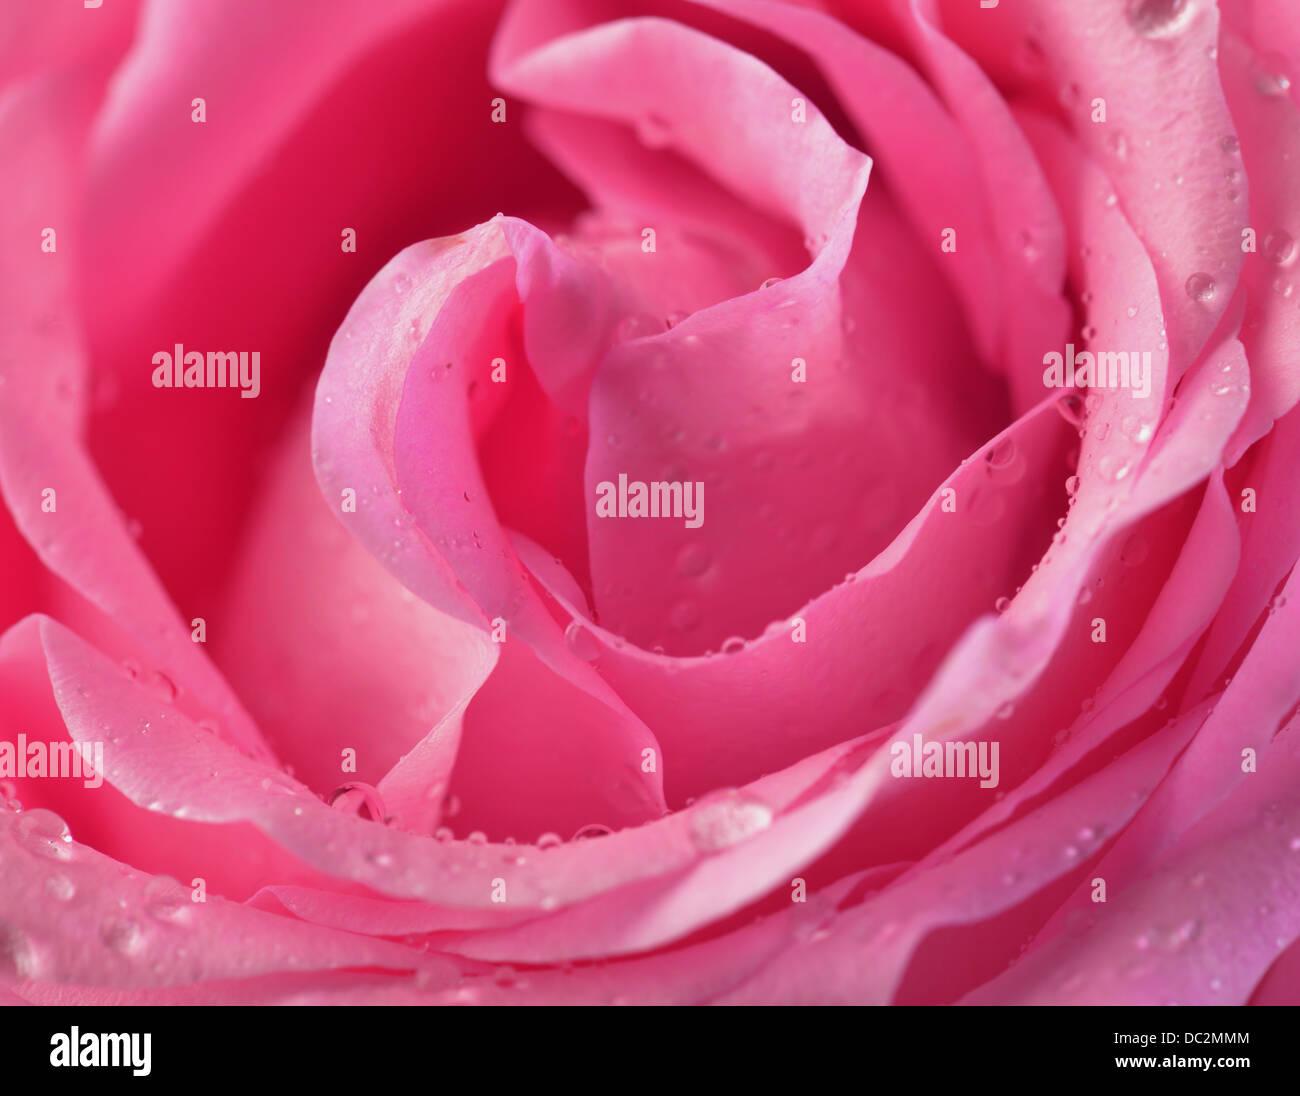 Rosa rose Knospe Makro mit Wassertropfen Stockbild